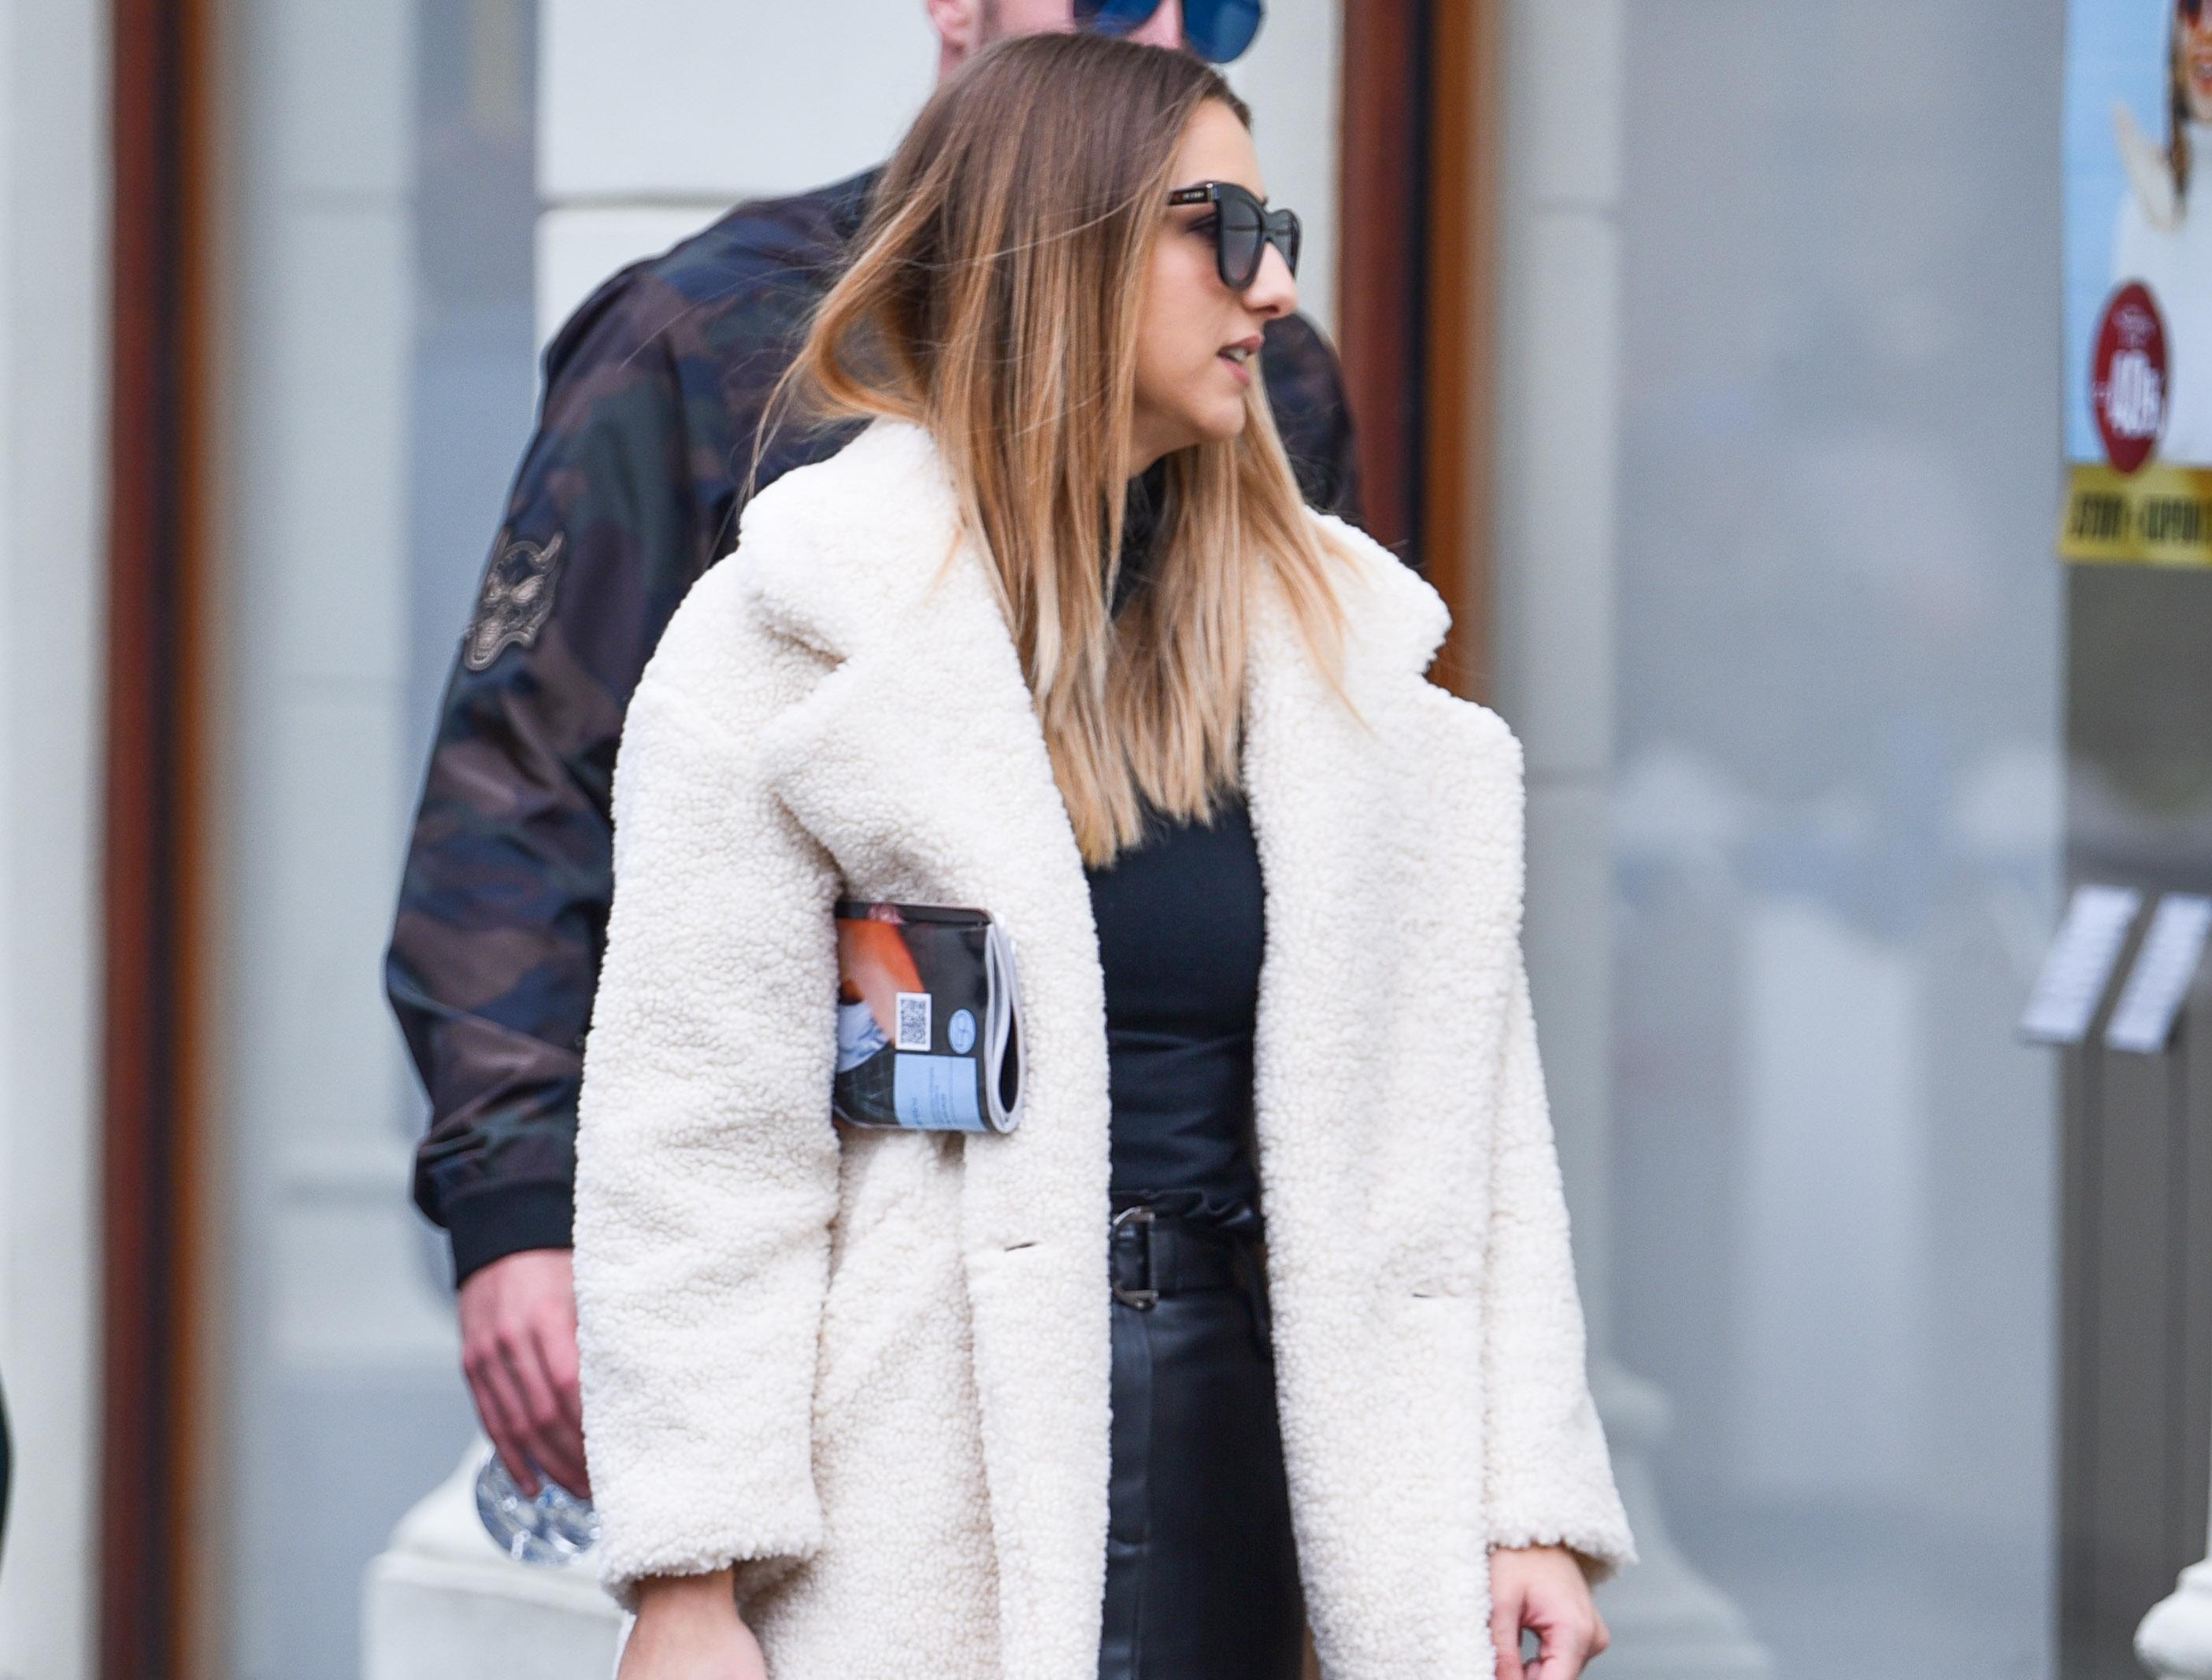 U kožnoj minici i bijelom 'teddy' kaputu zgodna djevojka bila je glavna zvijezda špice